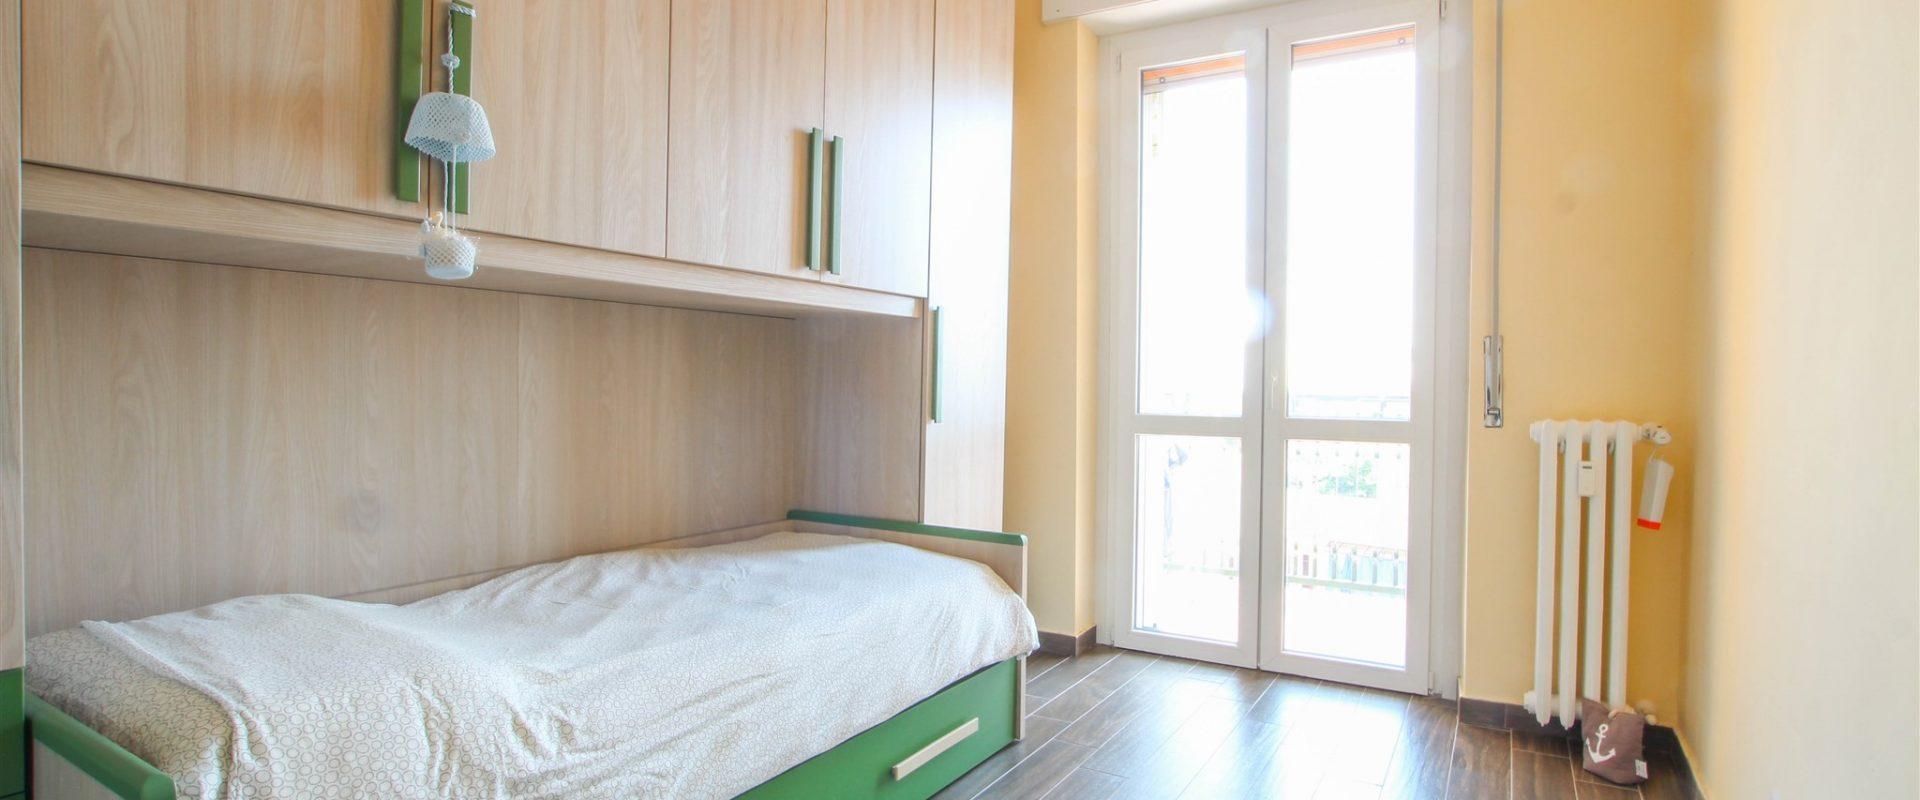 Quadrilocale ristrutturato zona Ospedale